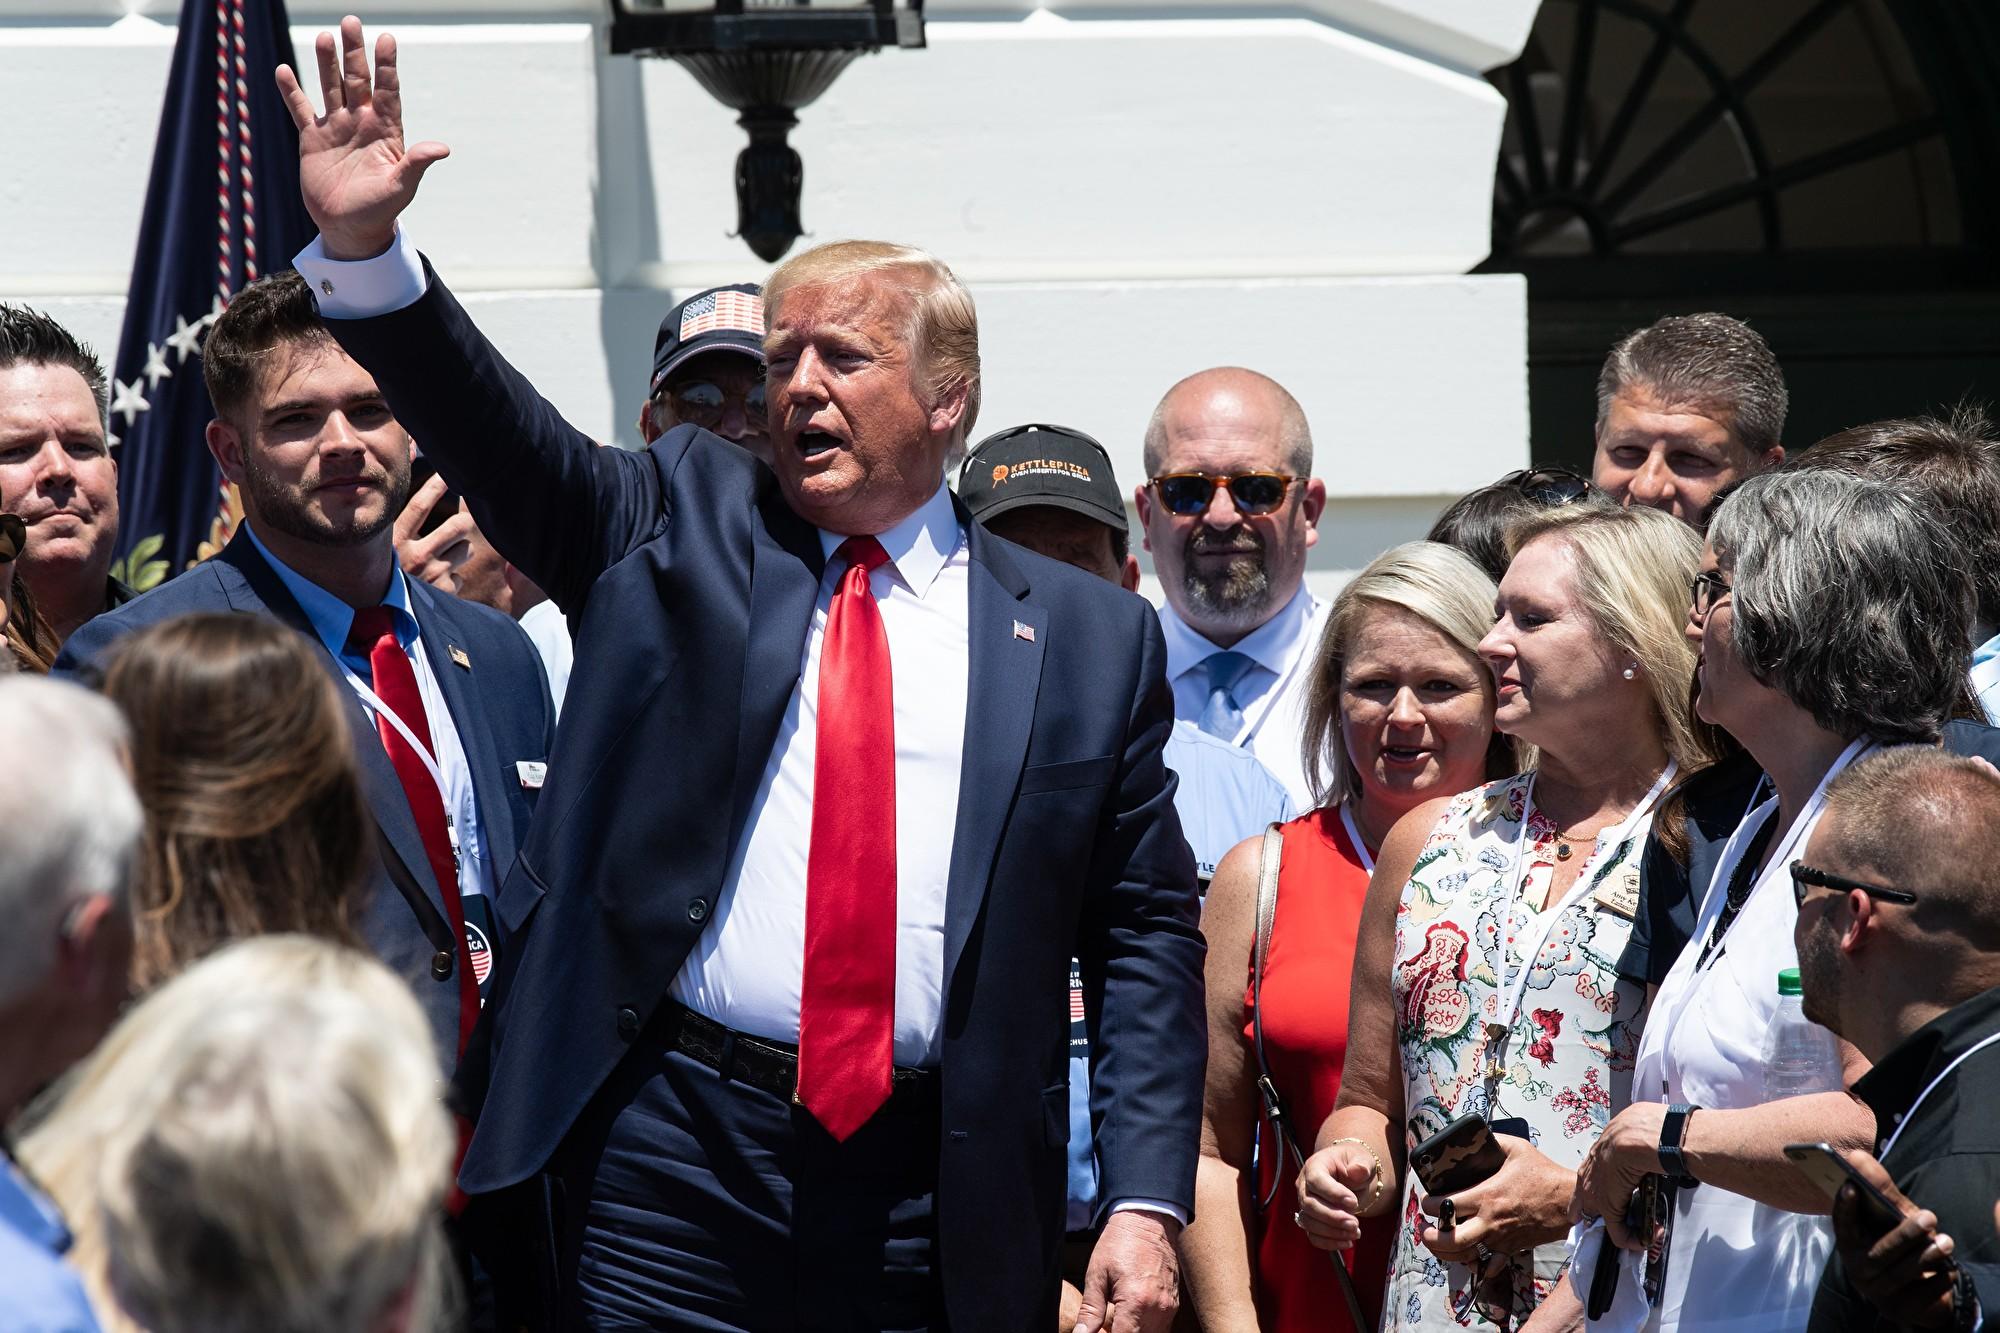 特朗普說,美國農民是愛國者,沒有一個農民告訴他要快速達成協議。(NICHOLAS KAMM/AFP/Getty Images)